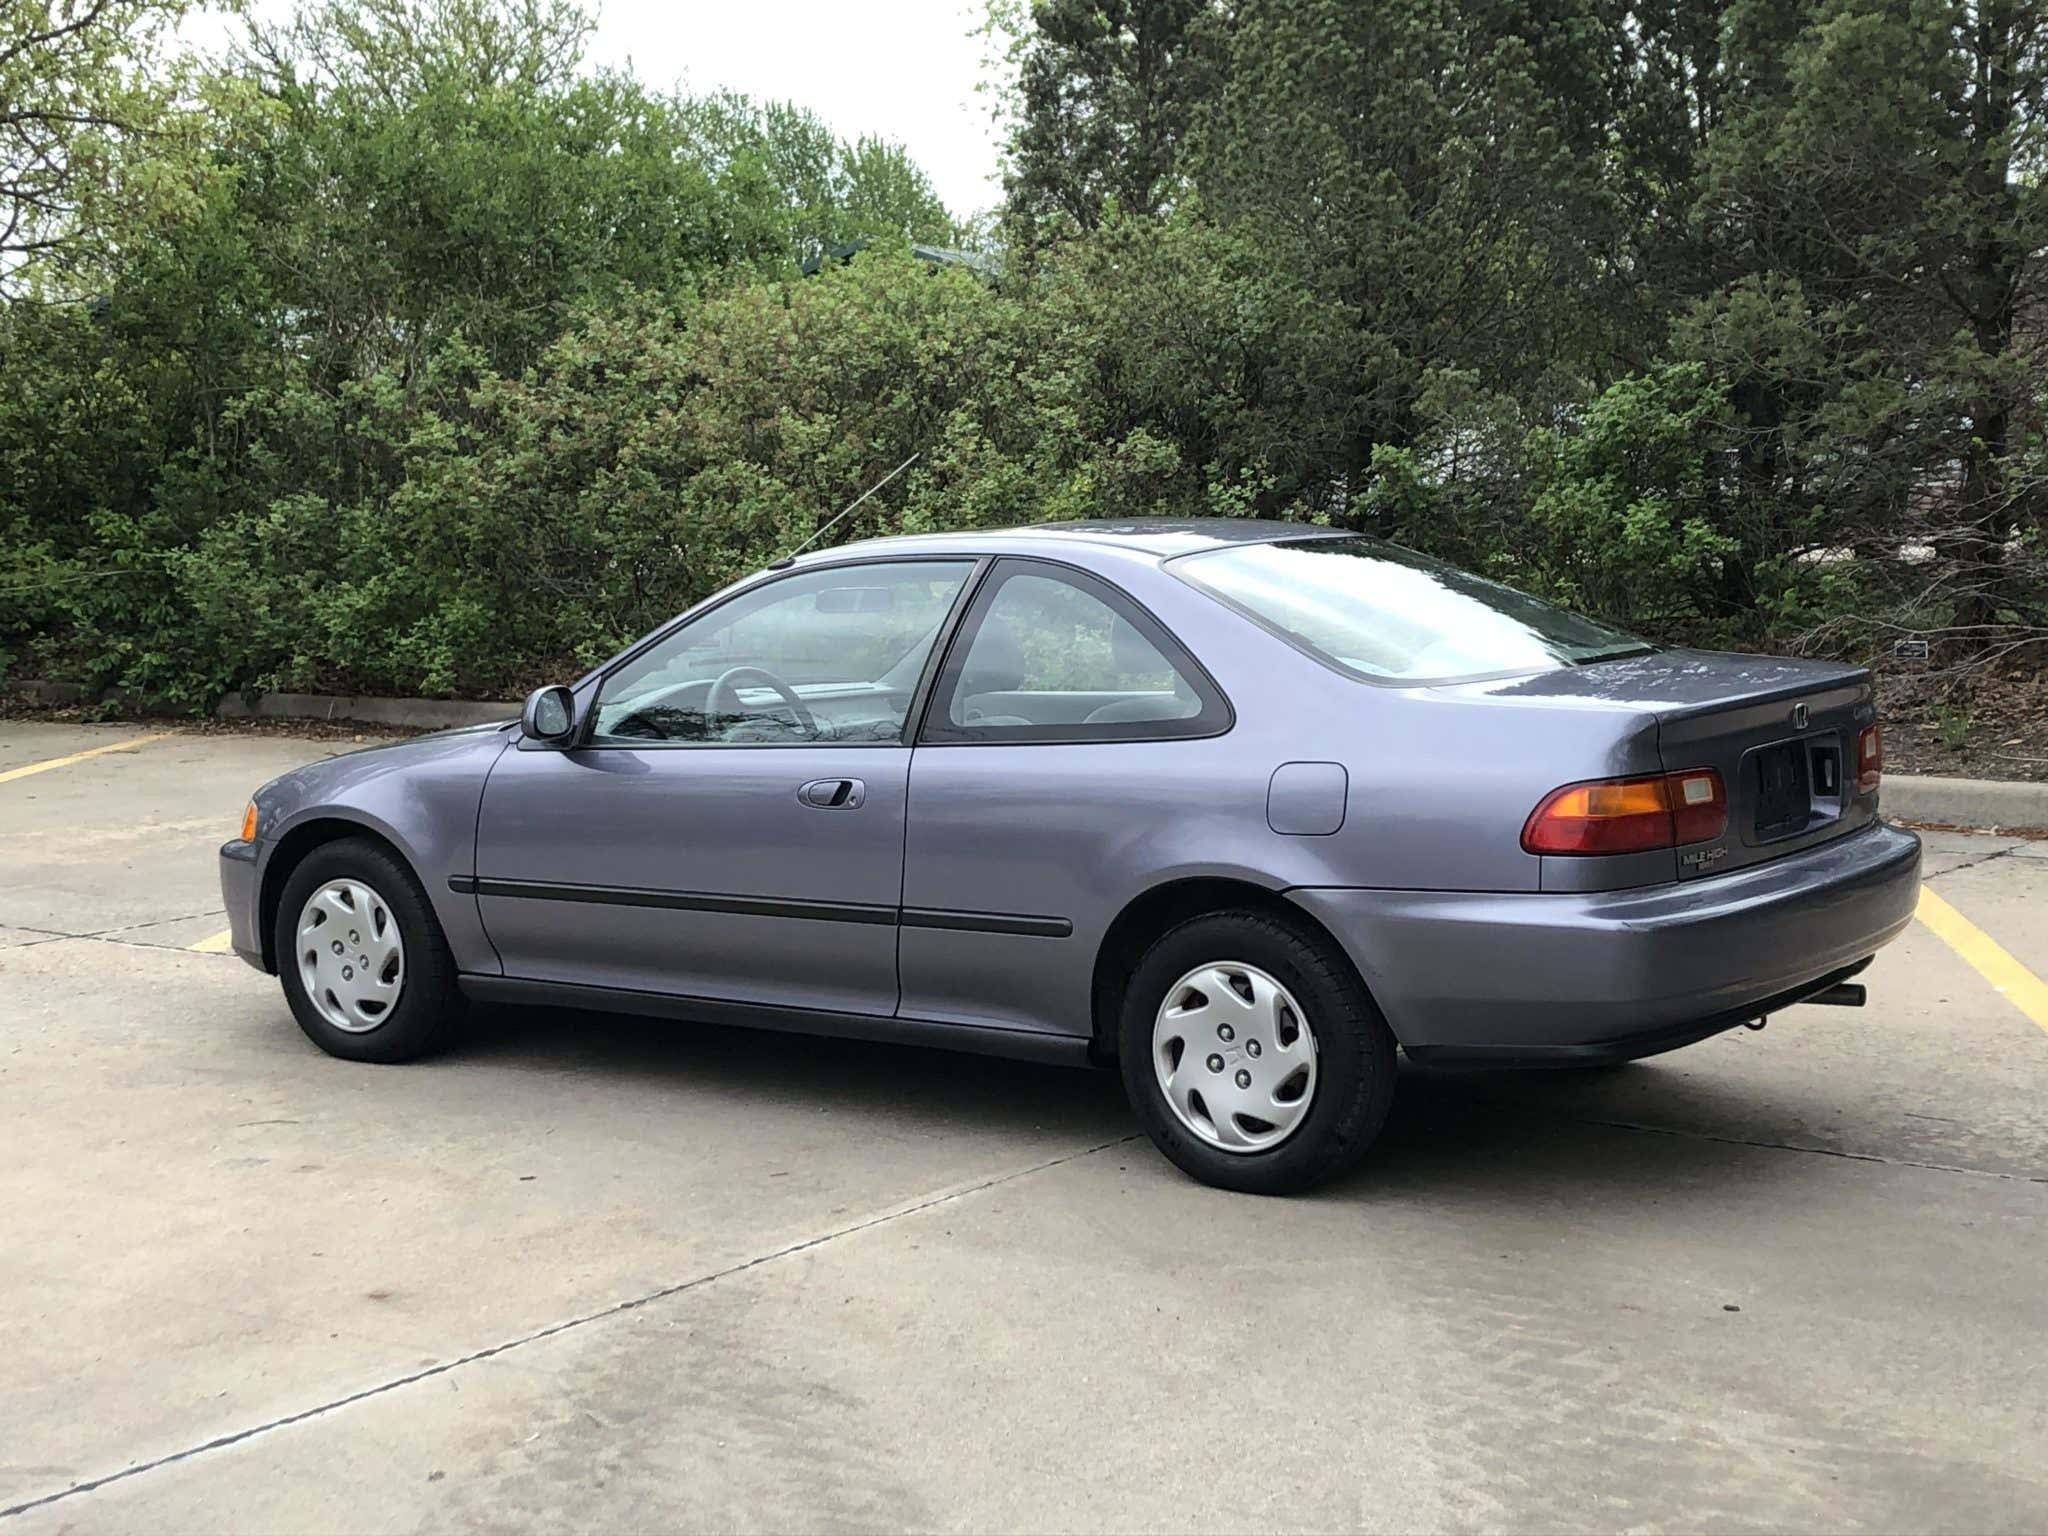 Kelebihan Kekurangan Honda Civic 1995 Murah Berkualitas